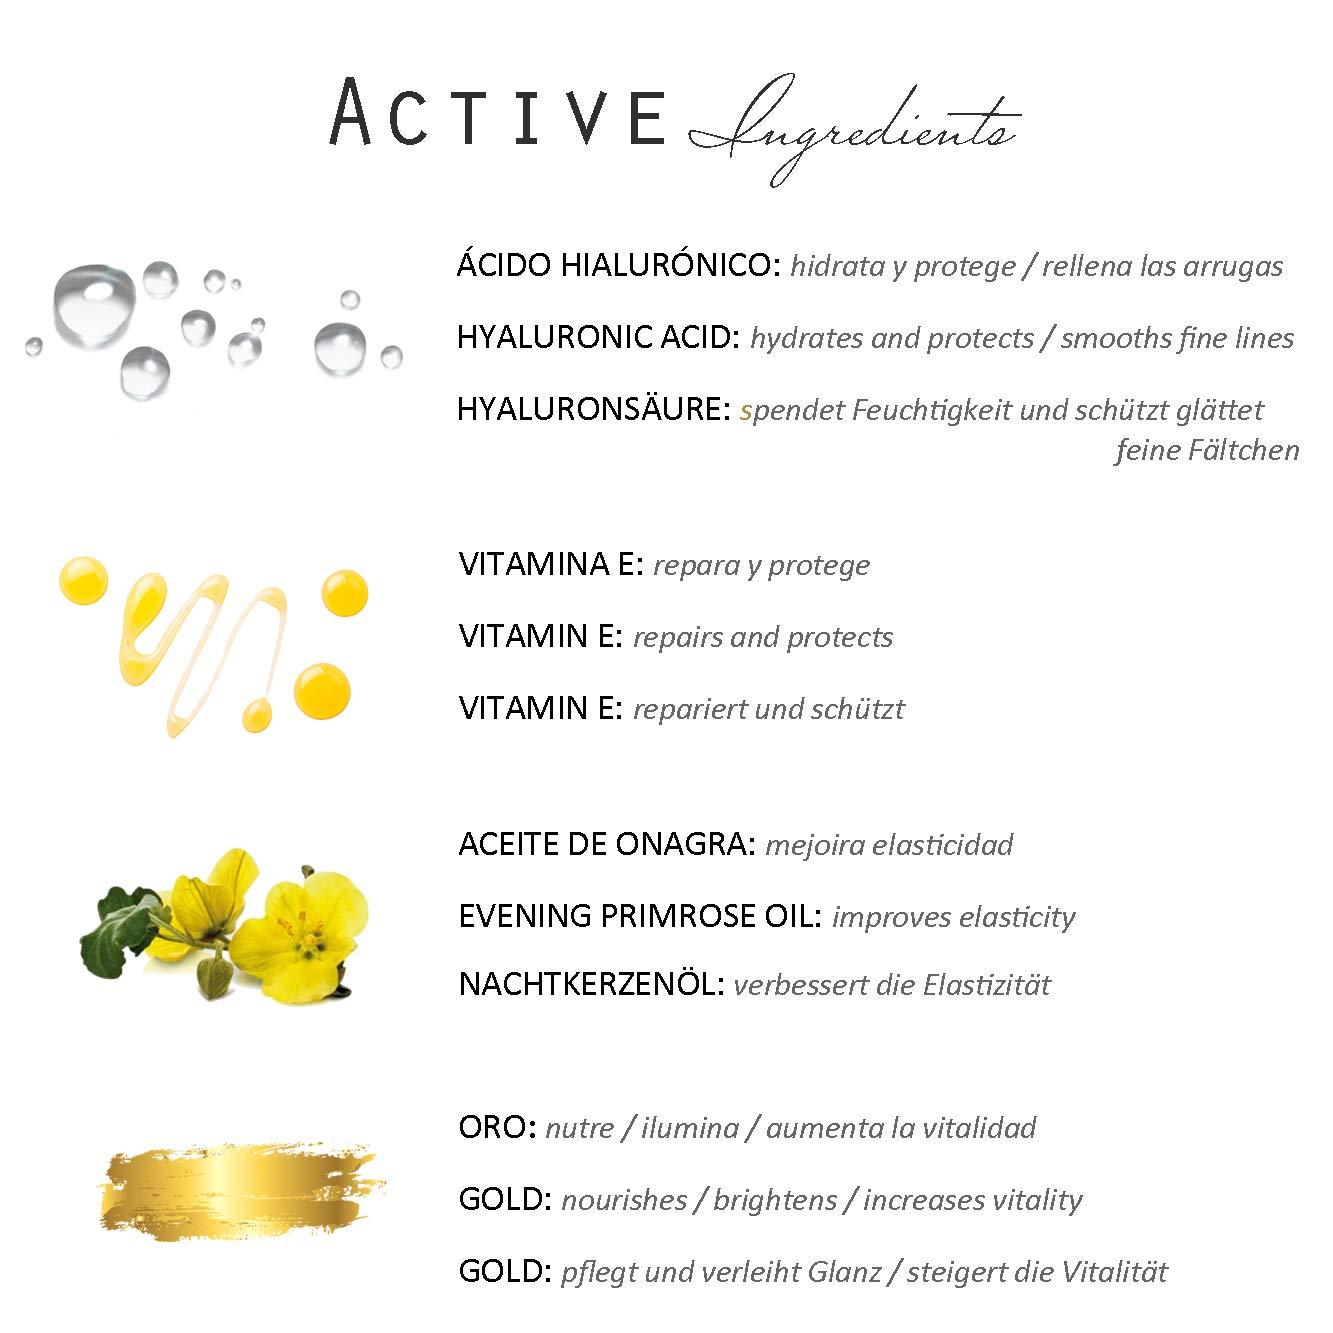 100ml Serum Facial con Ácido Hialurónico +Vitamina E - Antiedad/Antiarrugas/Hidratante/Antioxidante/Iluminador - Orgánico&Vegano/GOLD&GLOW de Beysey.